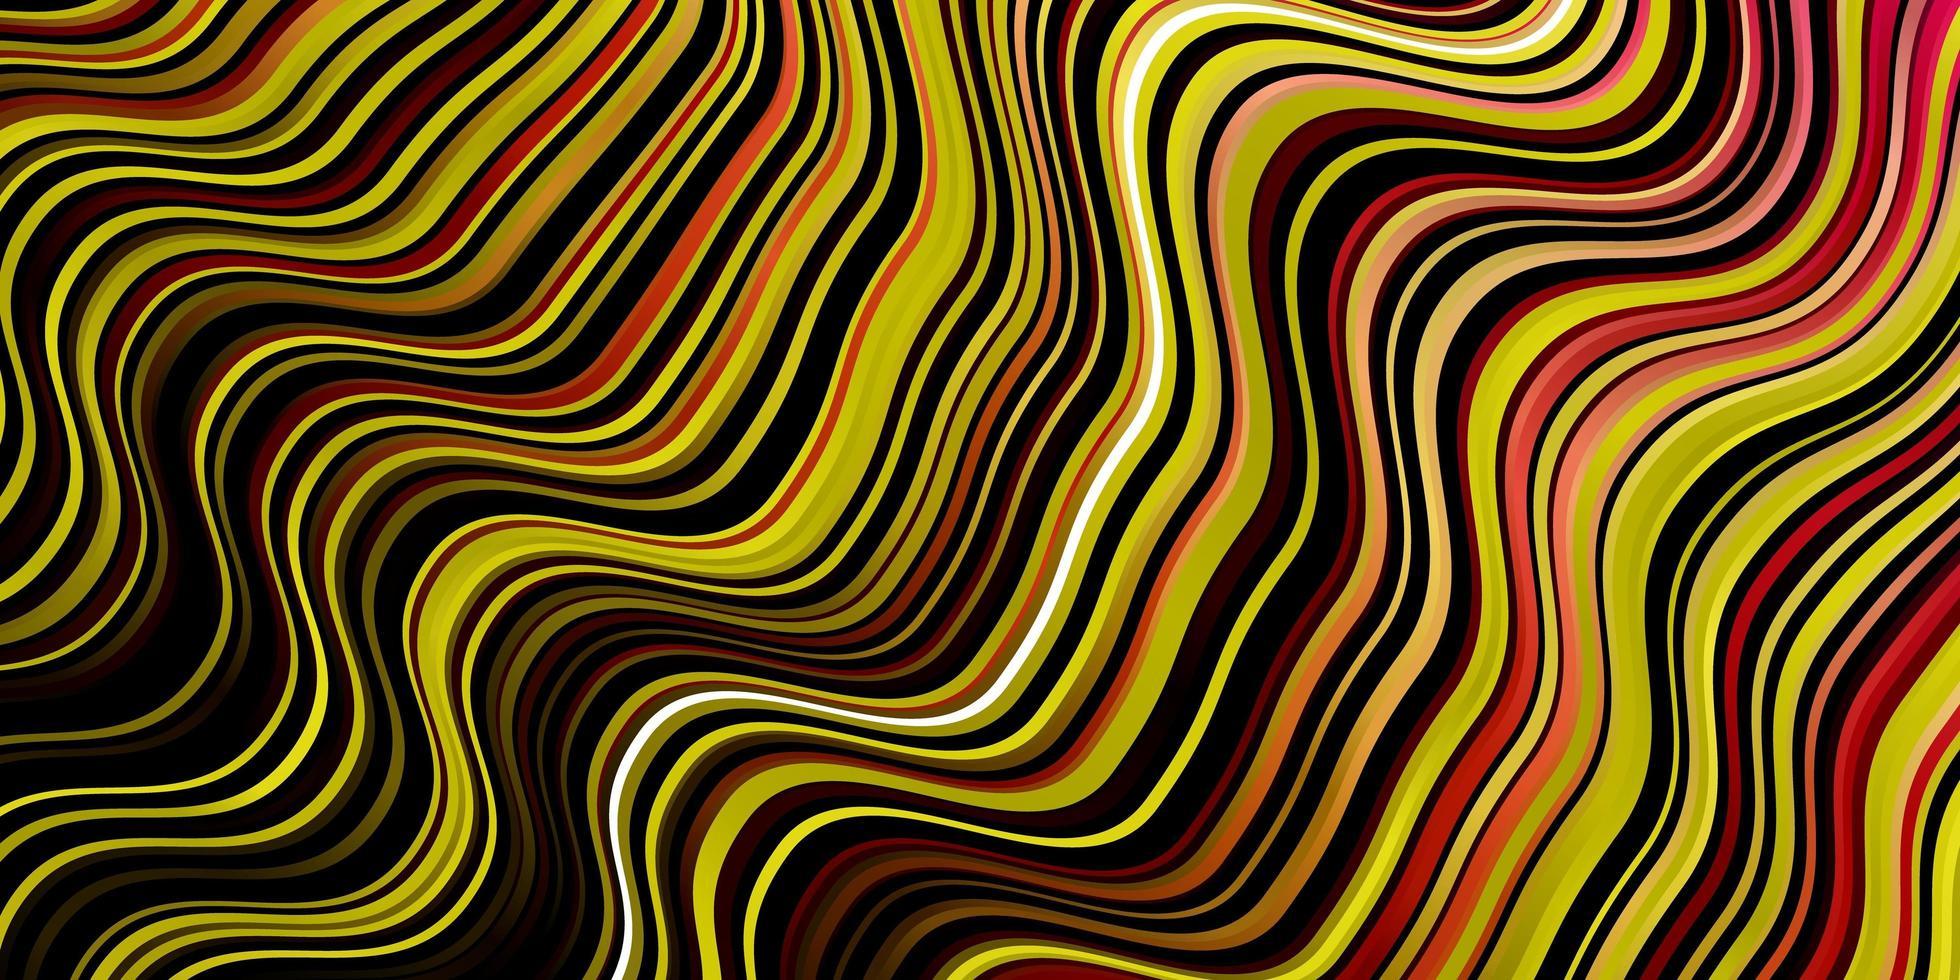 mörkrosa, gul vektormall med kurvor. vektor